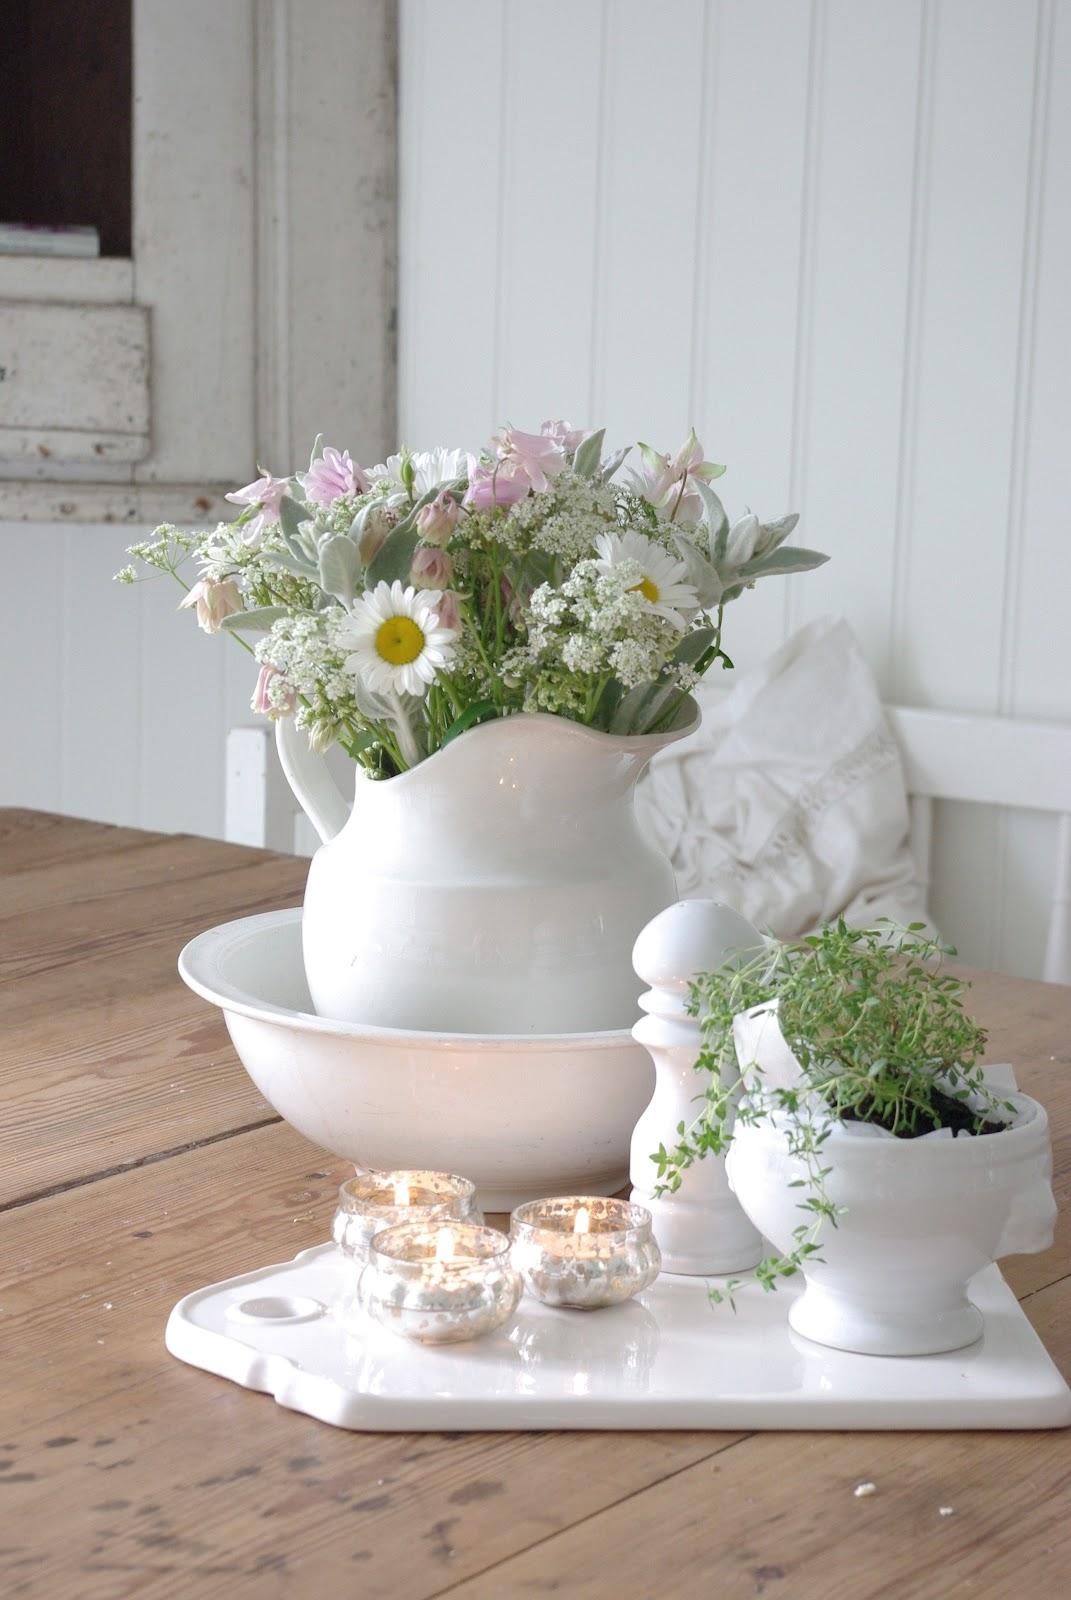 fiori di campo e vaso bianco  Arredamento Shabby